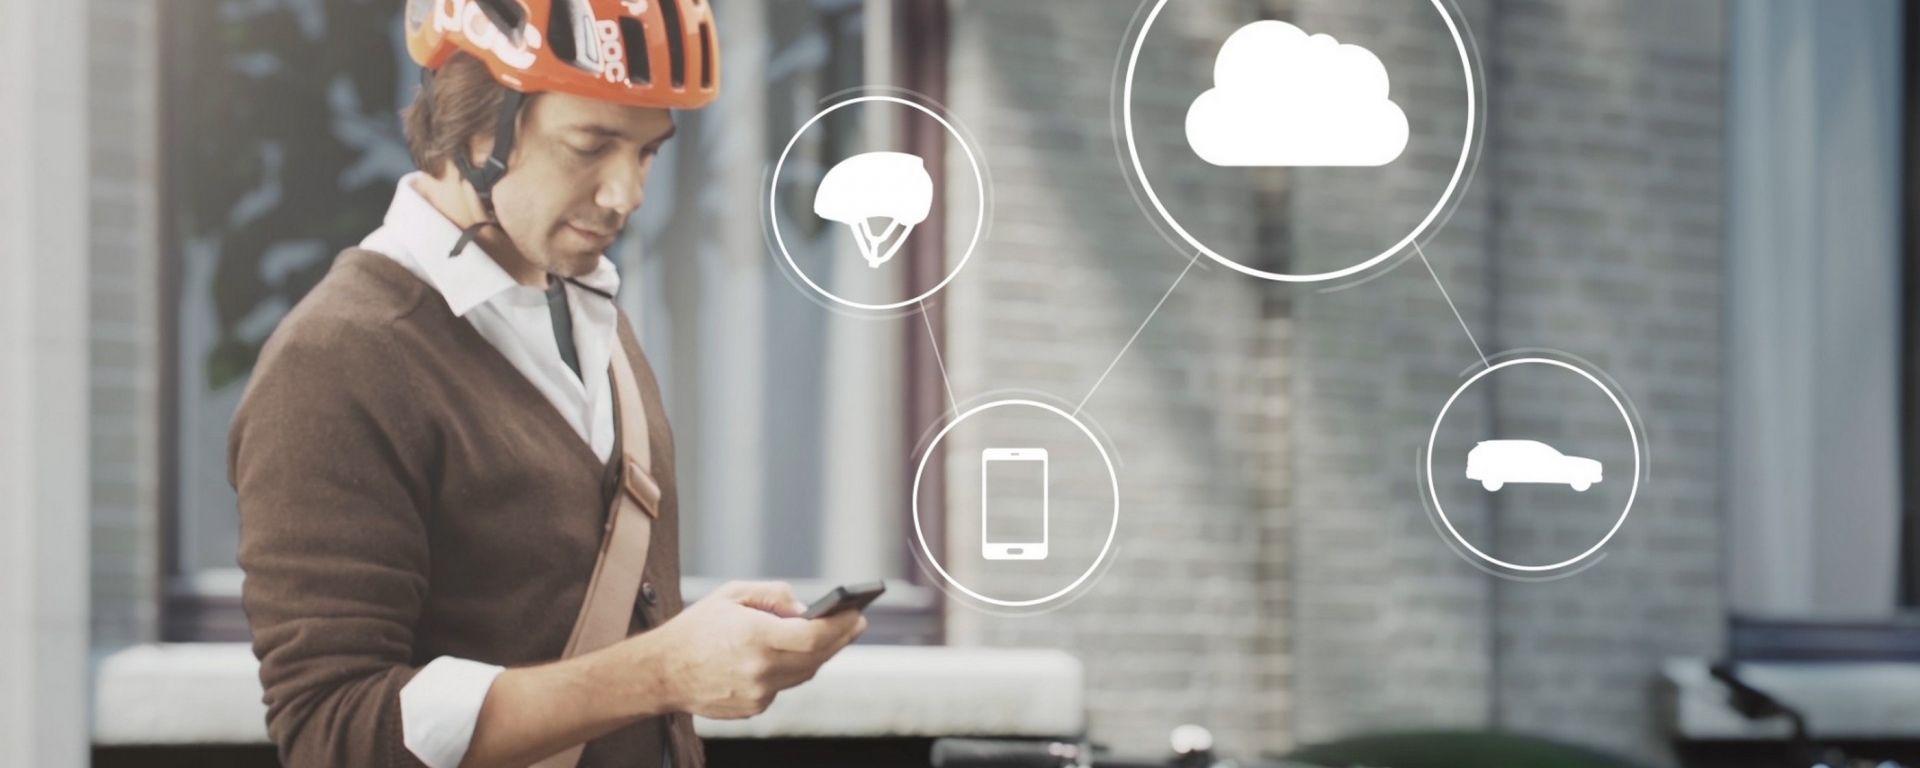 Volvo salva i ciclisti col Cloud